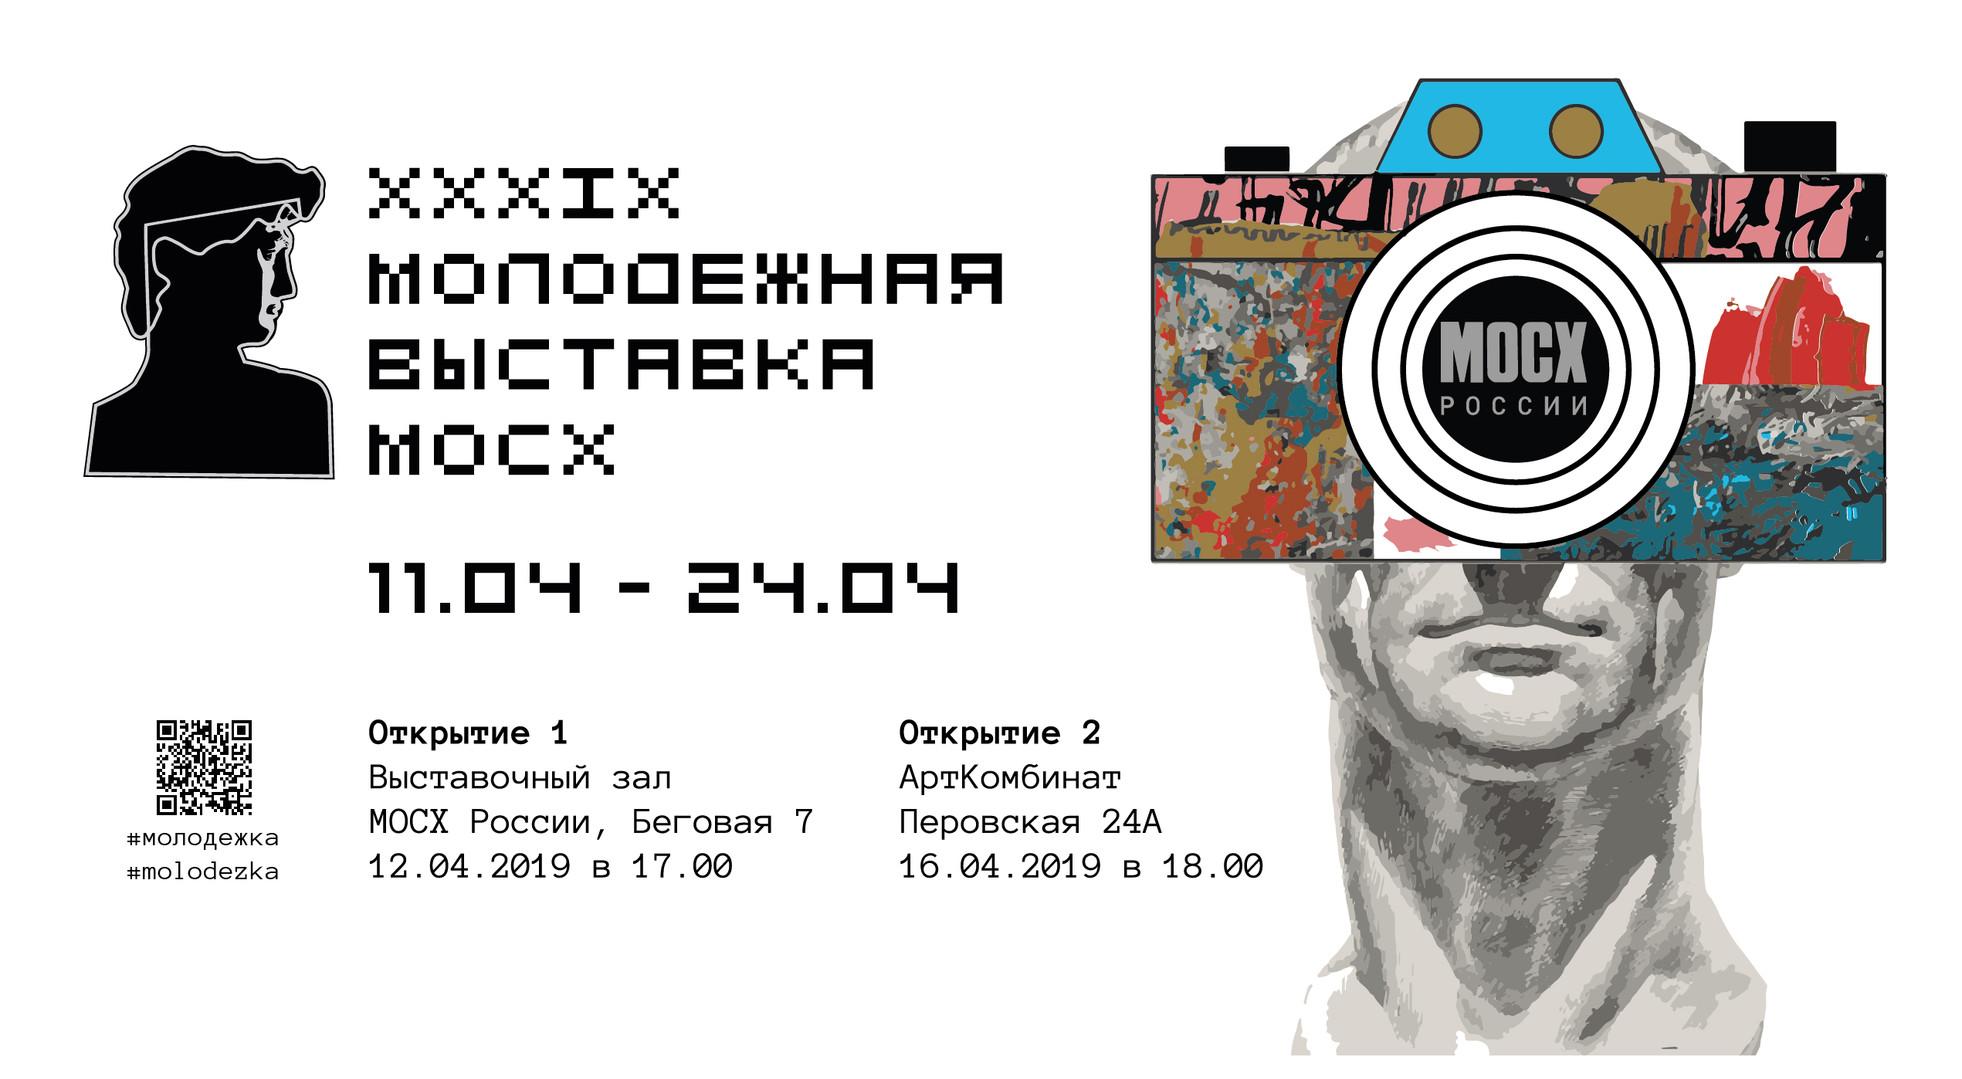 МОСХ-03.jpg